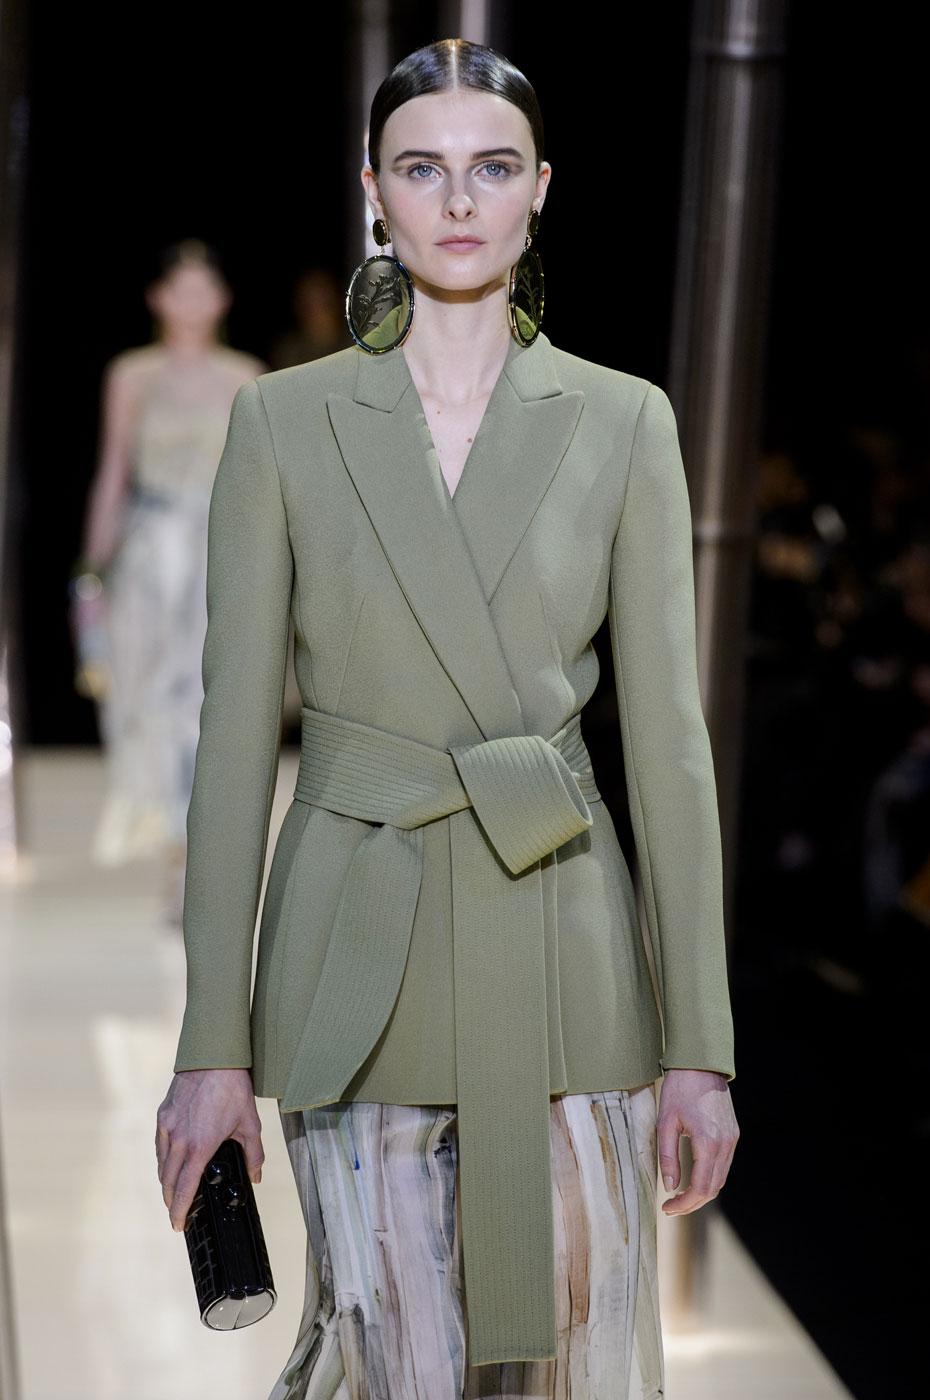 Giorgio-armani-Prive-fashion-runway-show-haute-couture-paris-spring-2015-the-impression-036